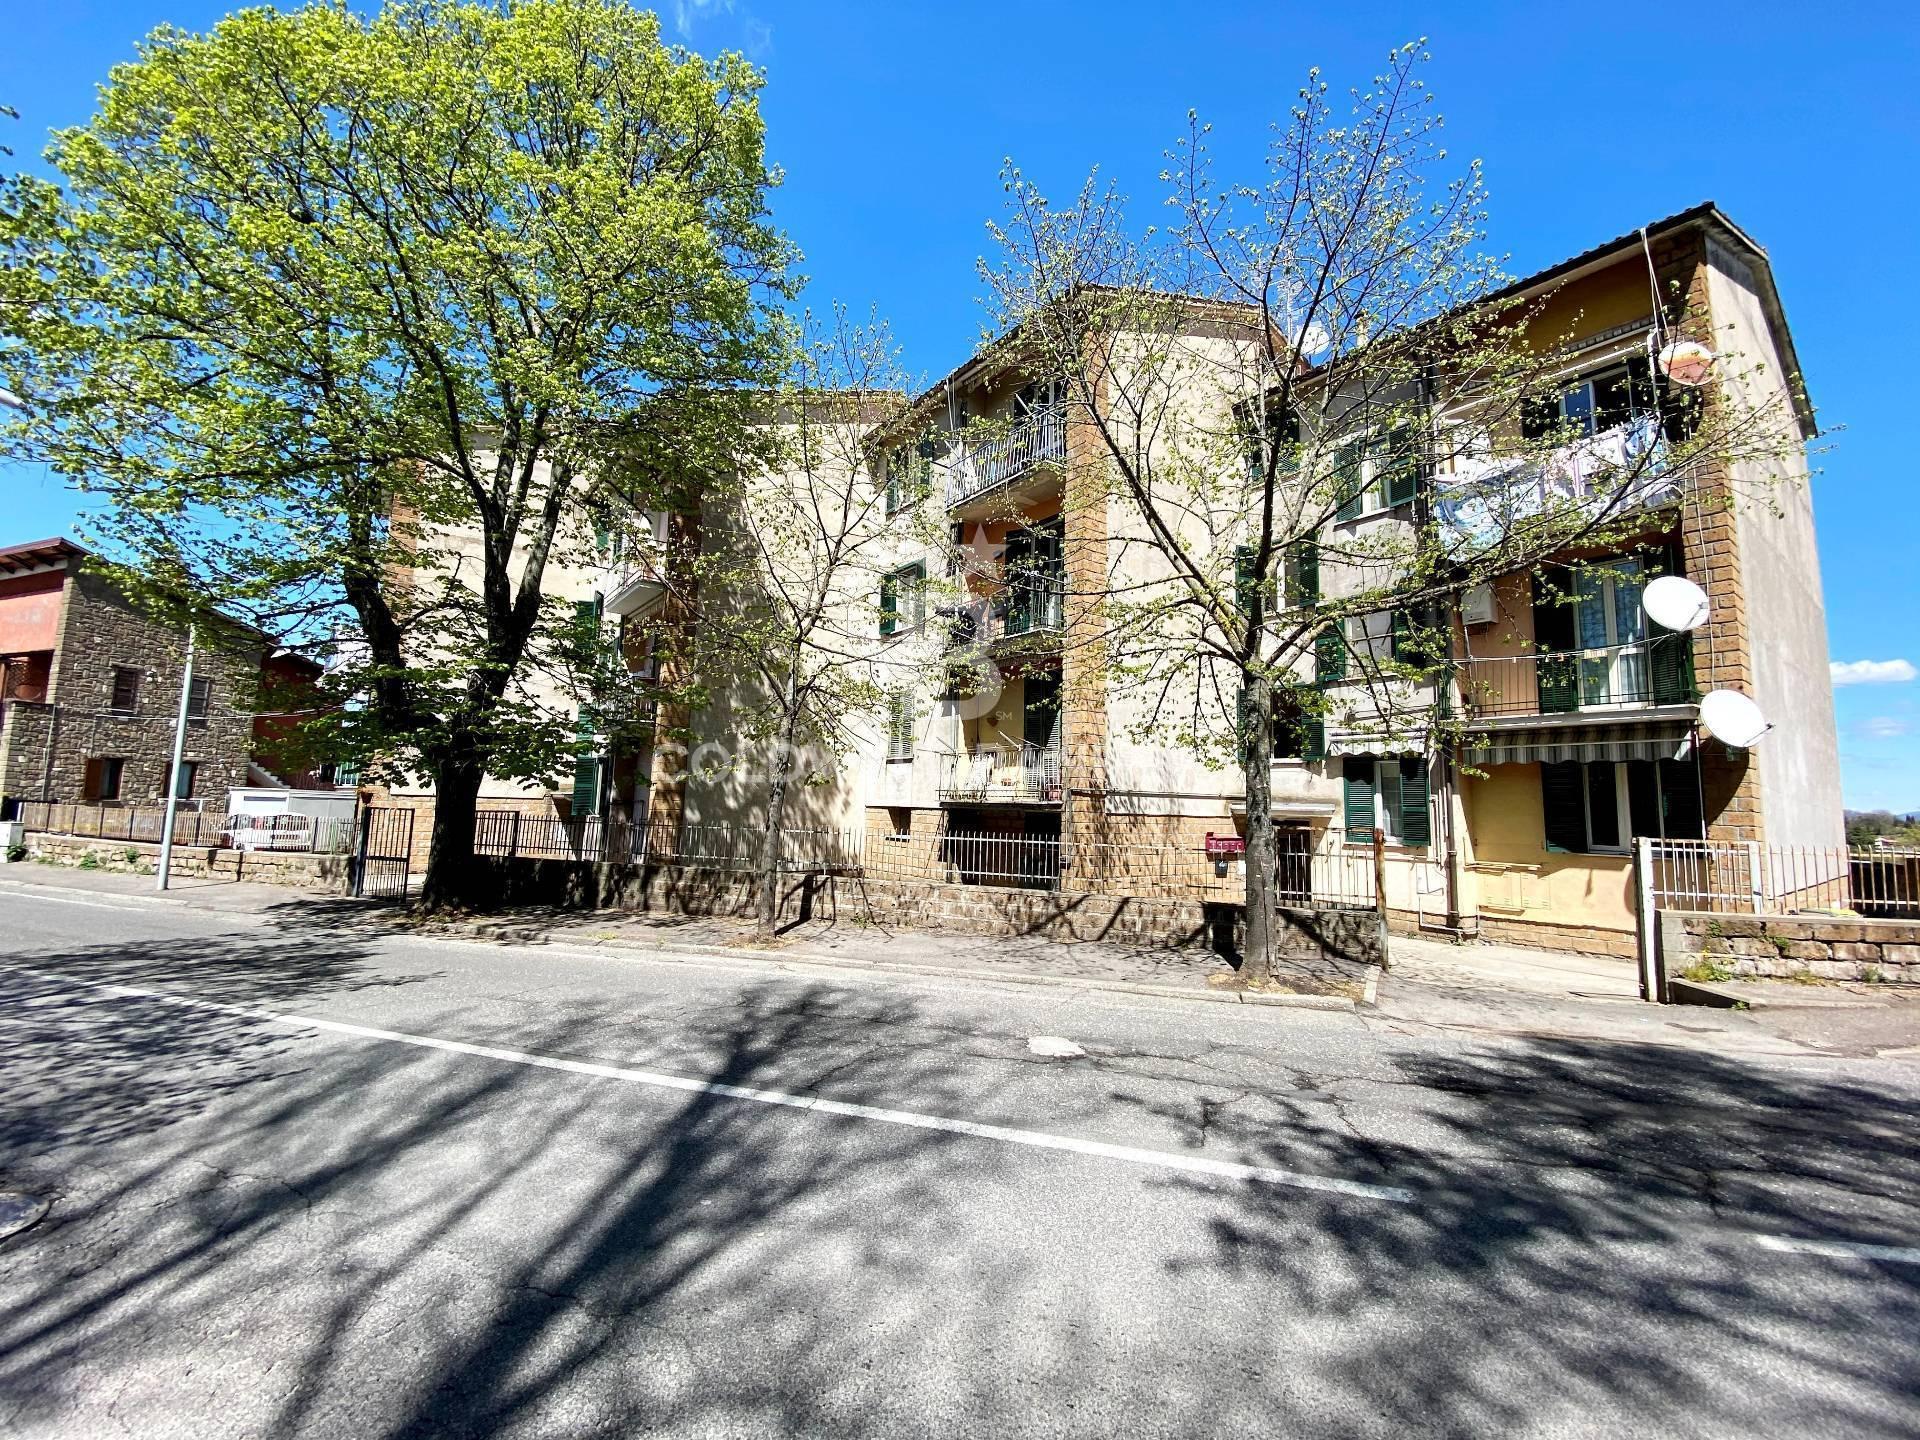 Appartamento in vendita a Viterbo, 3 locali, zona Località: LaQuercia, prezzo € 65.000 | CambioCasa.it